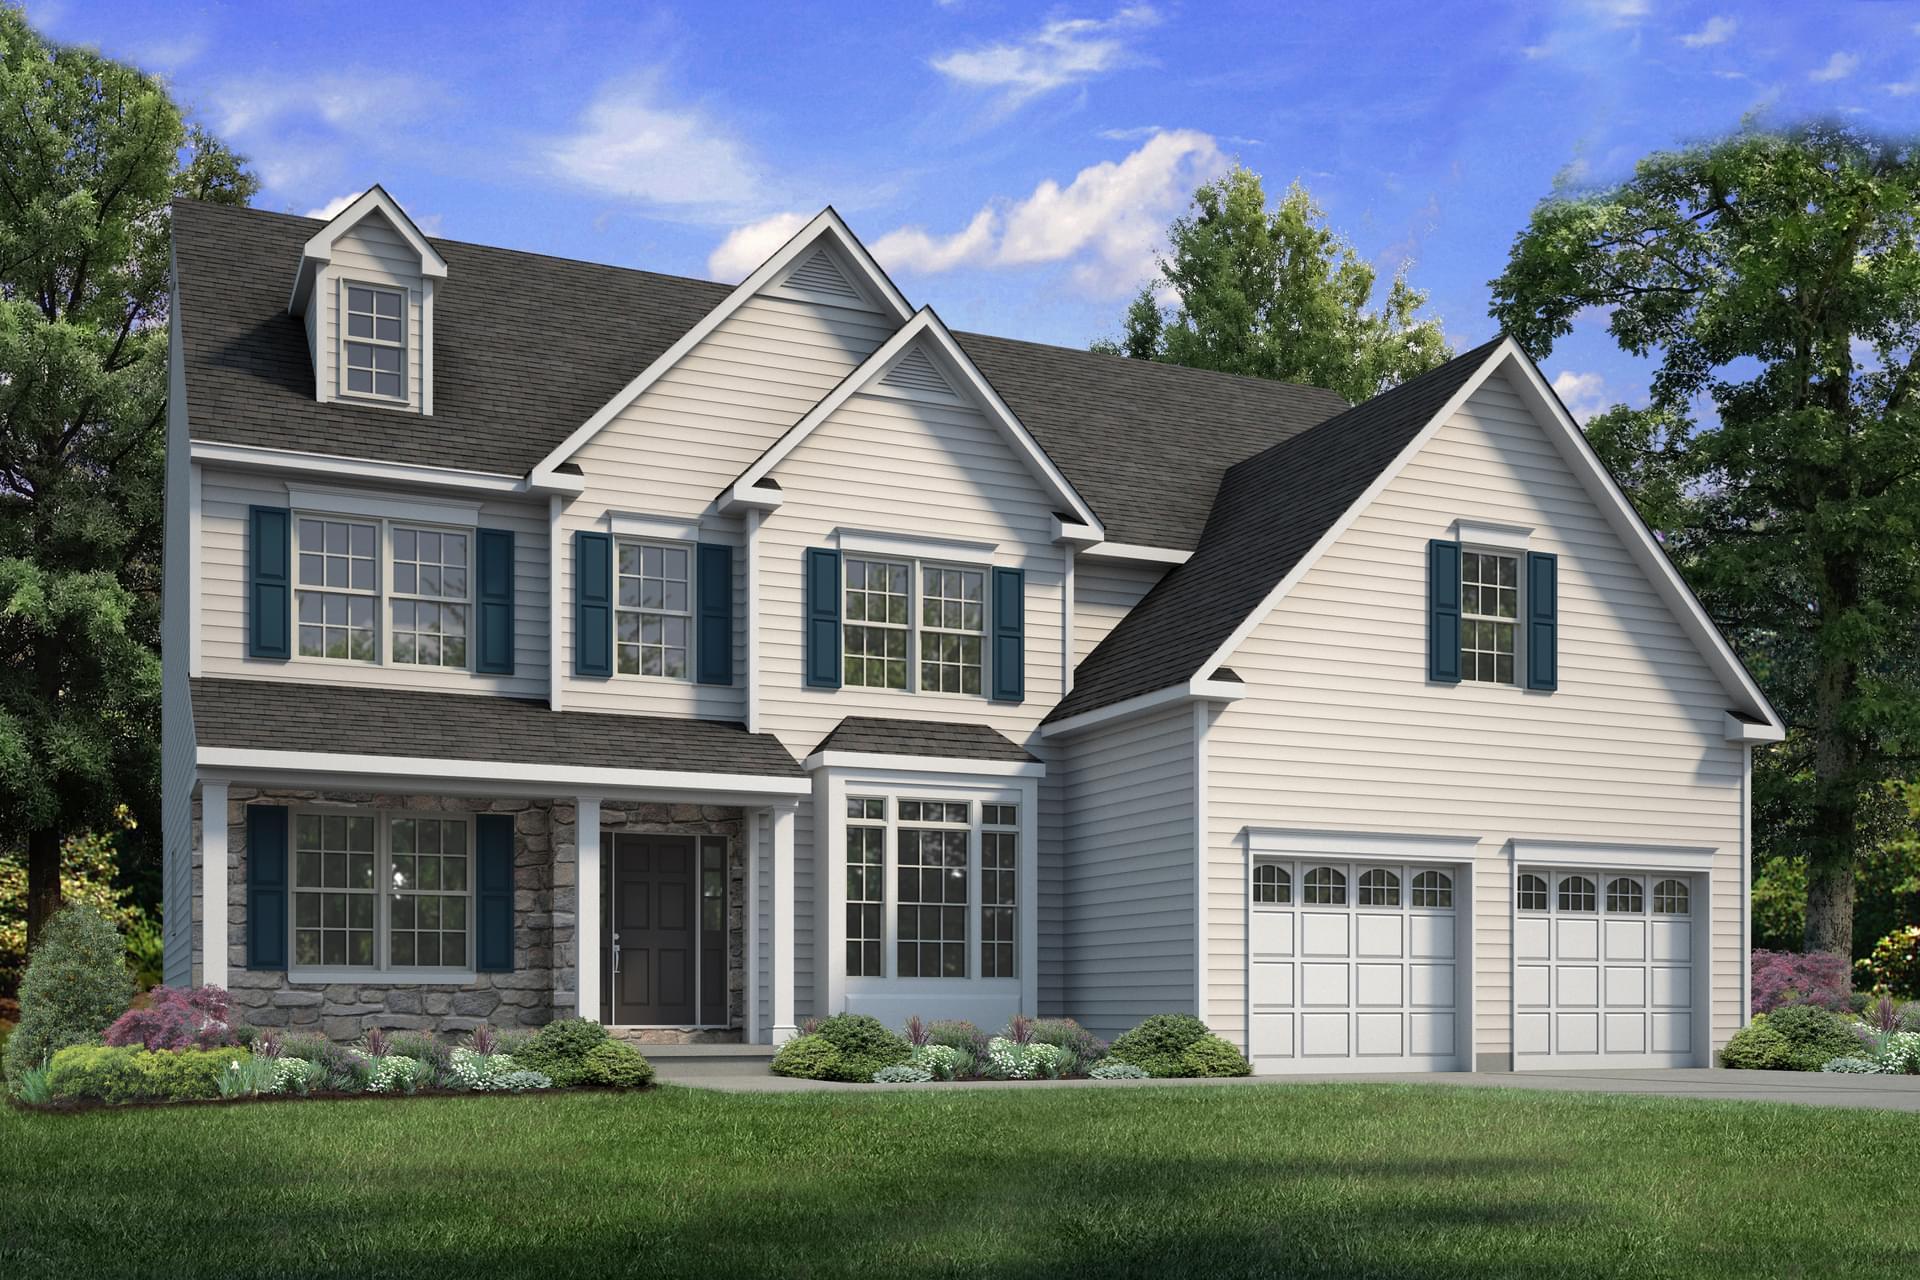 The Breckenridge Grande New Home in Easton PA - Northwood Farms